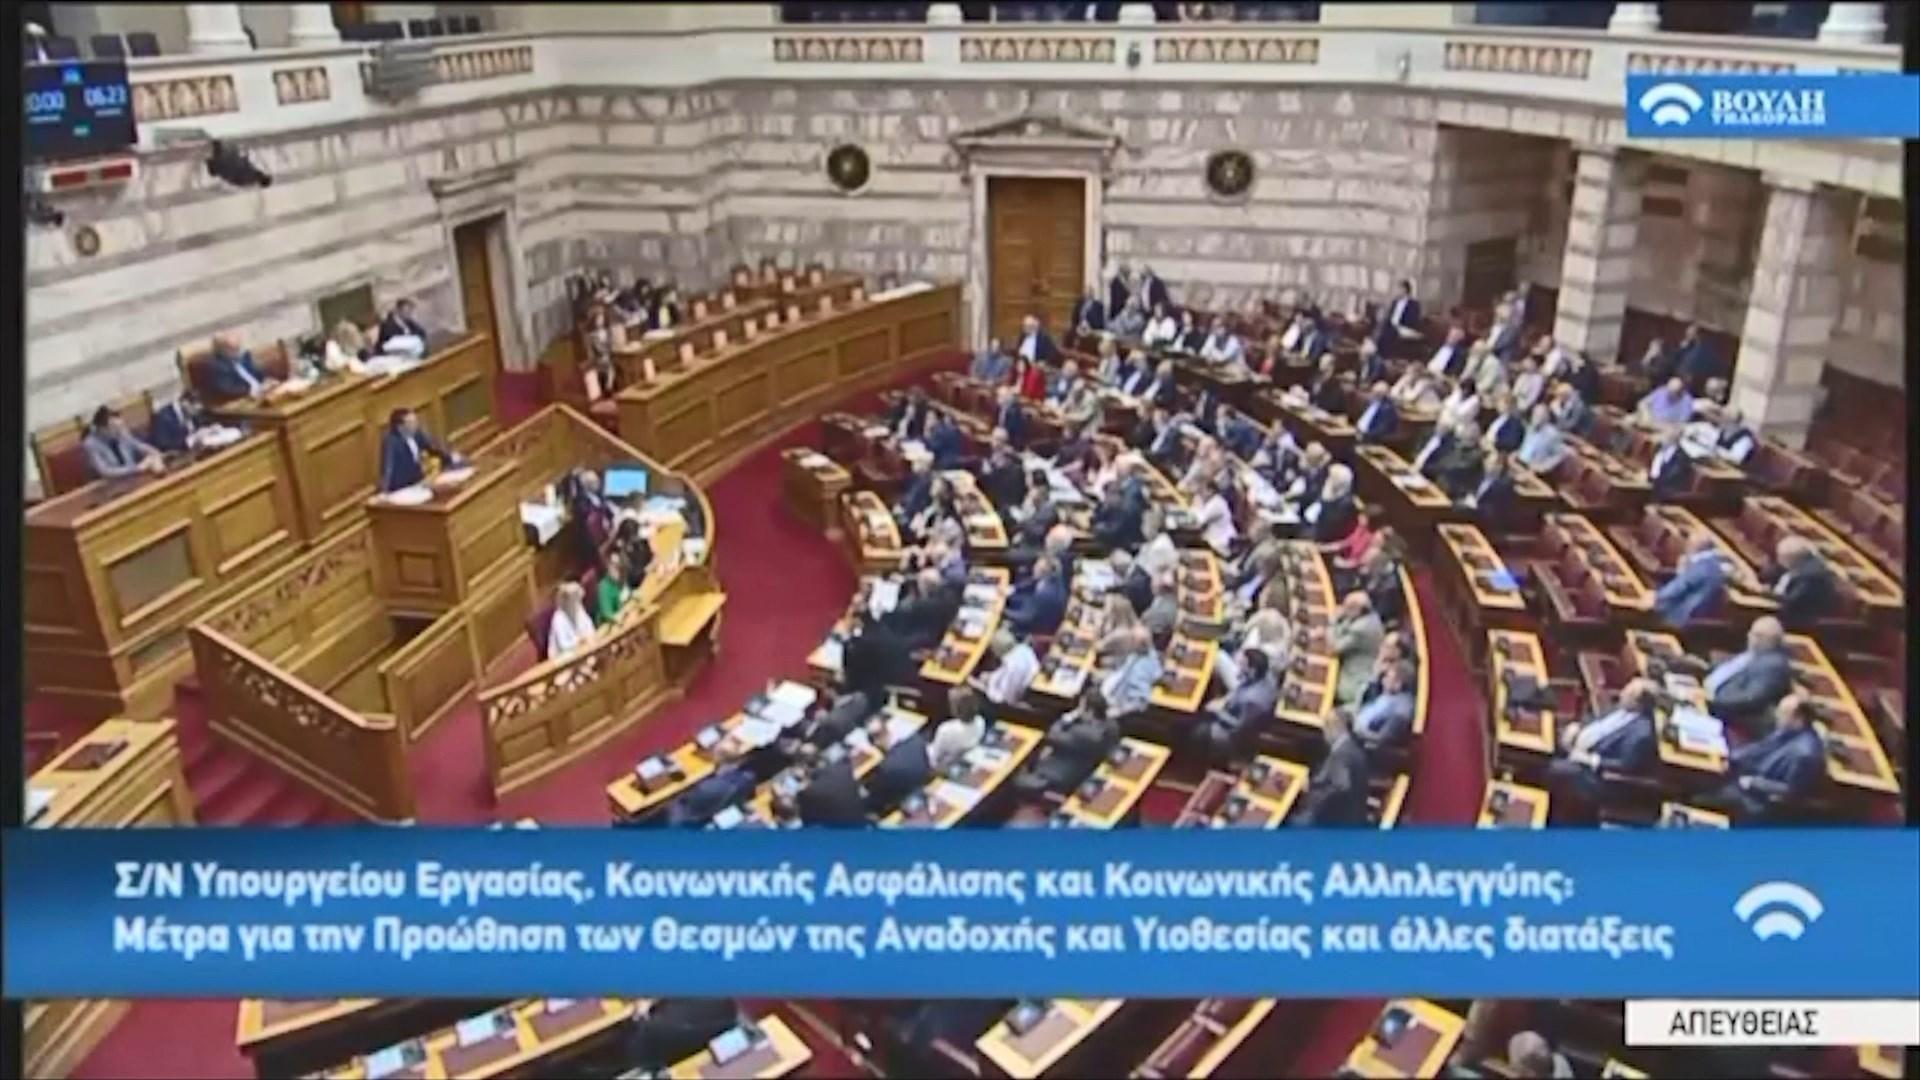 Miratohet në Greqi memorandumi me Shqipërinë/ Agimi i Artë kundër